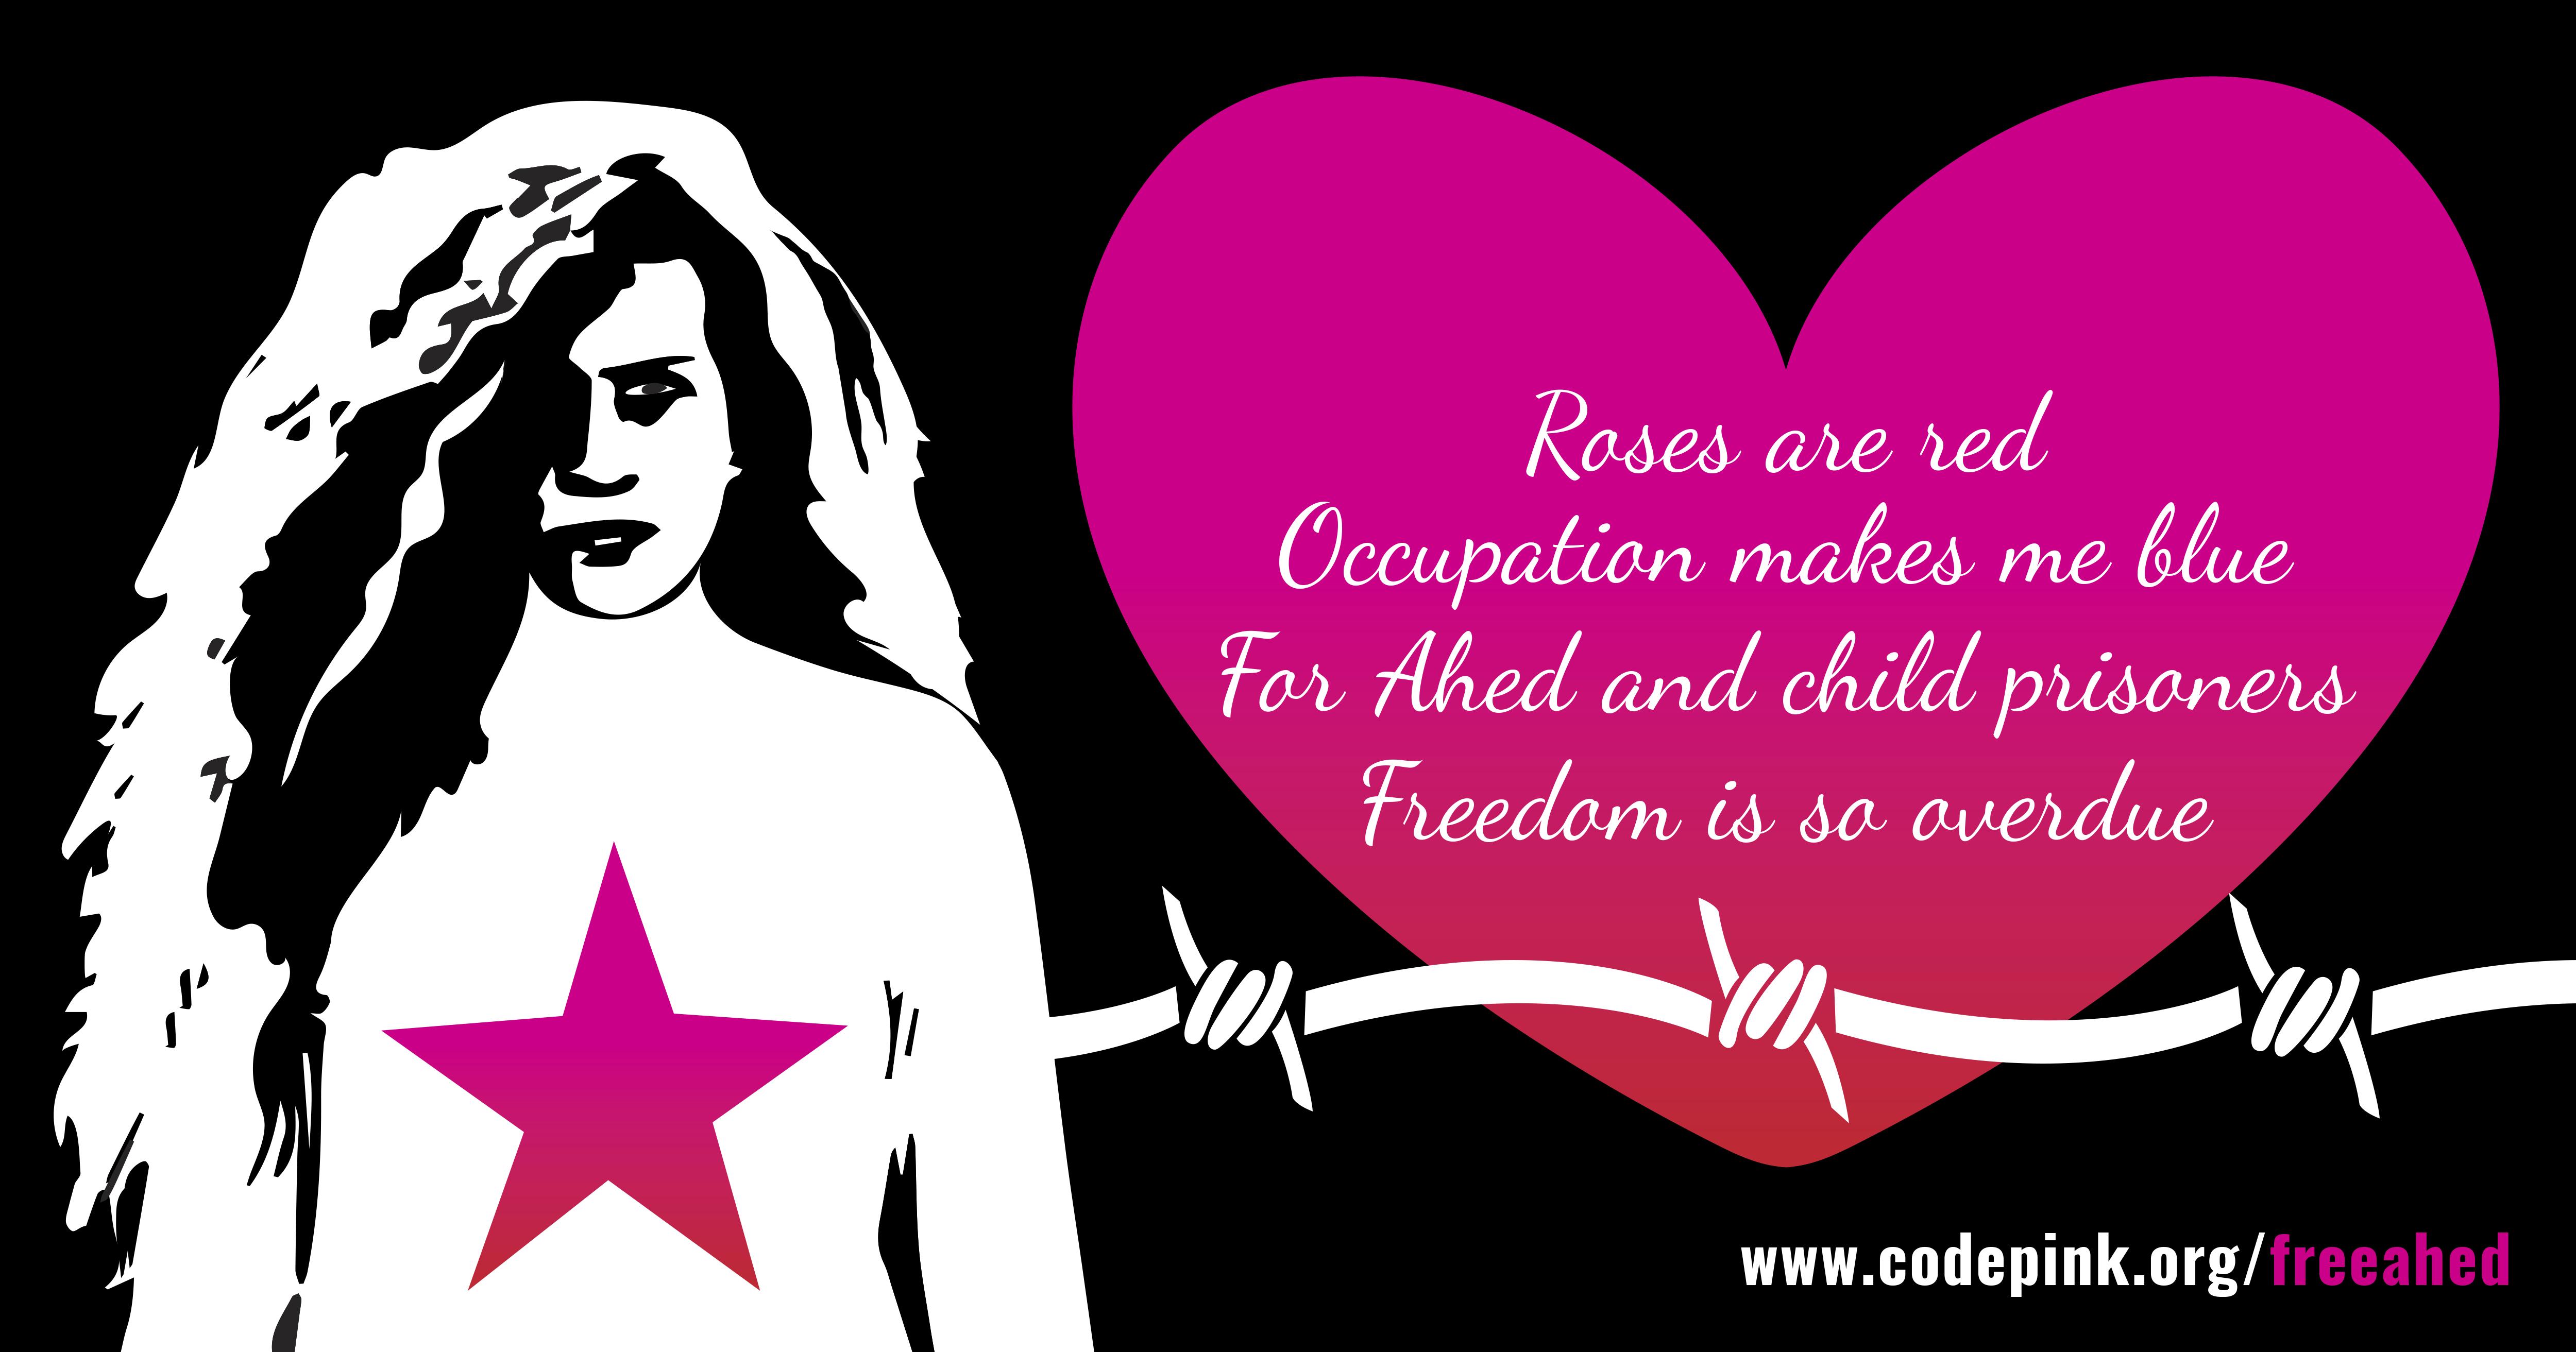 ValentinesDayCard_Divest.jpg